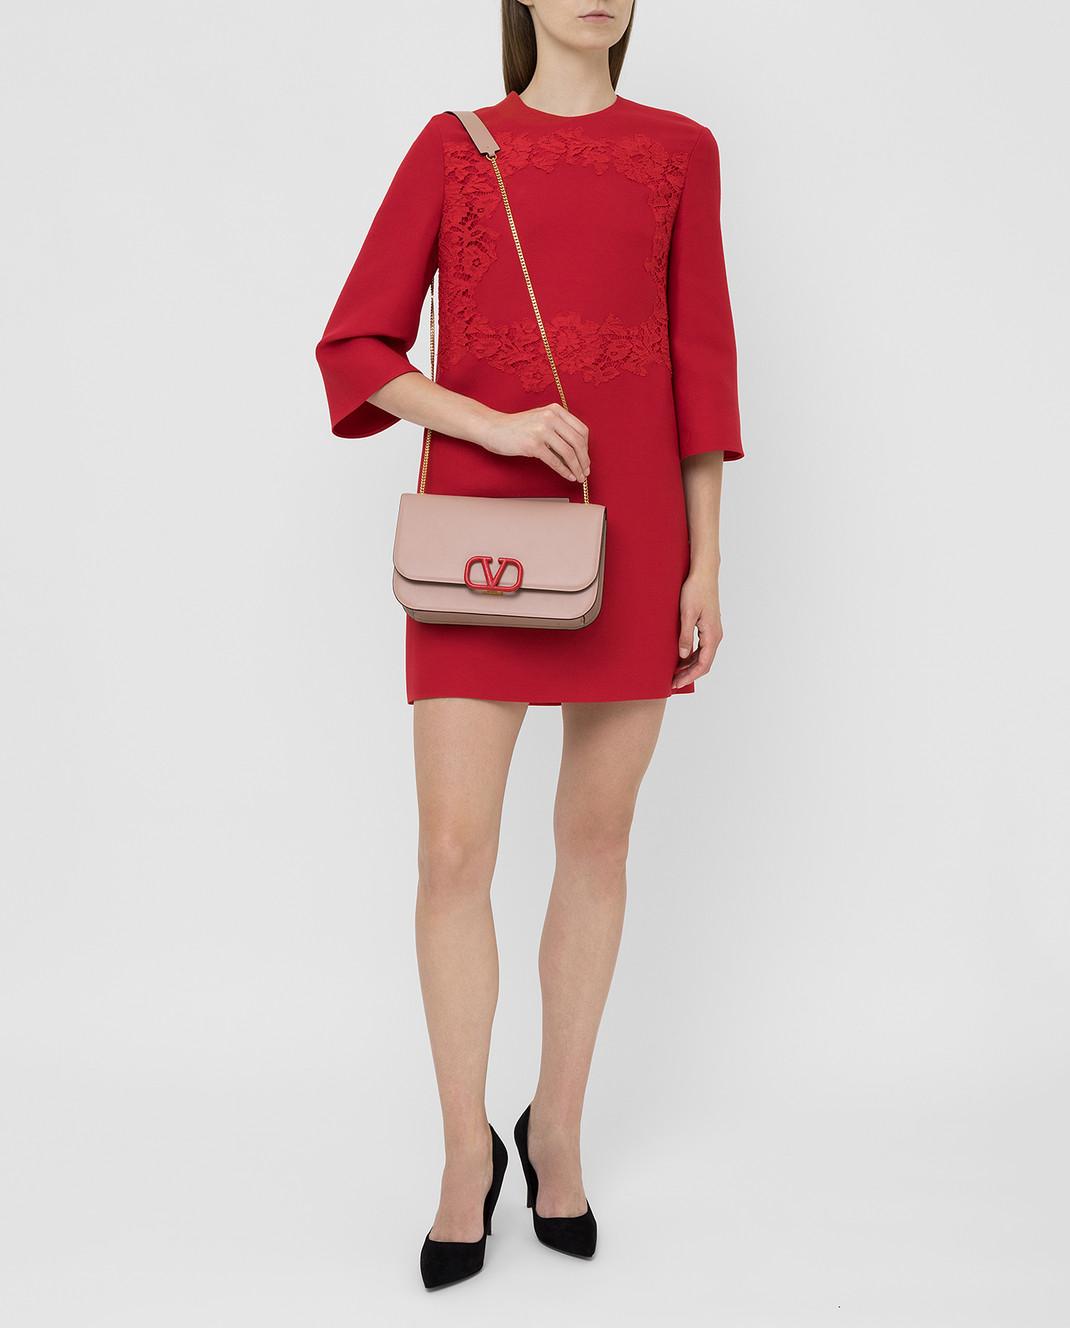 Valentino Красное платье из шерсти и шелка SB0VAPN0360 изображение 2